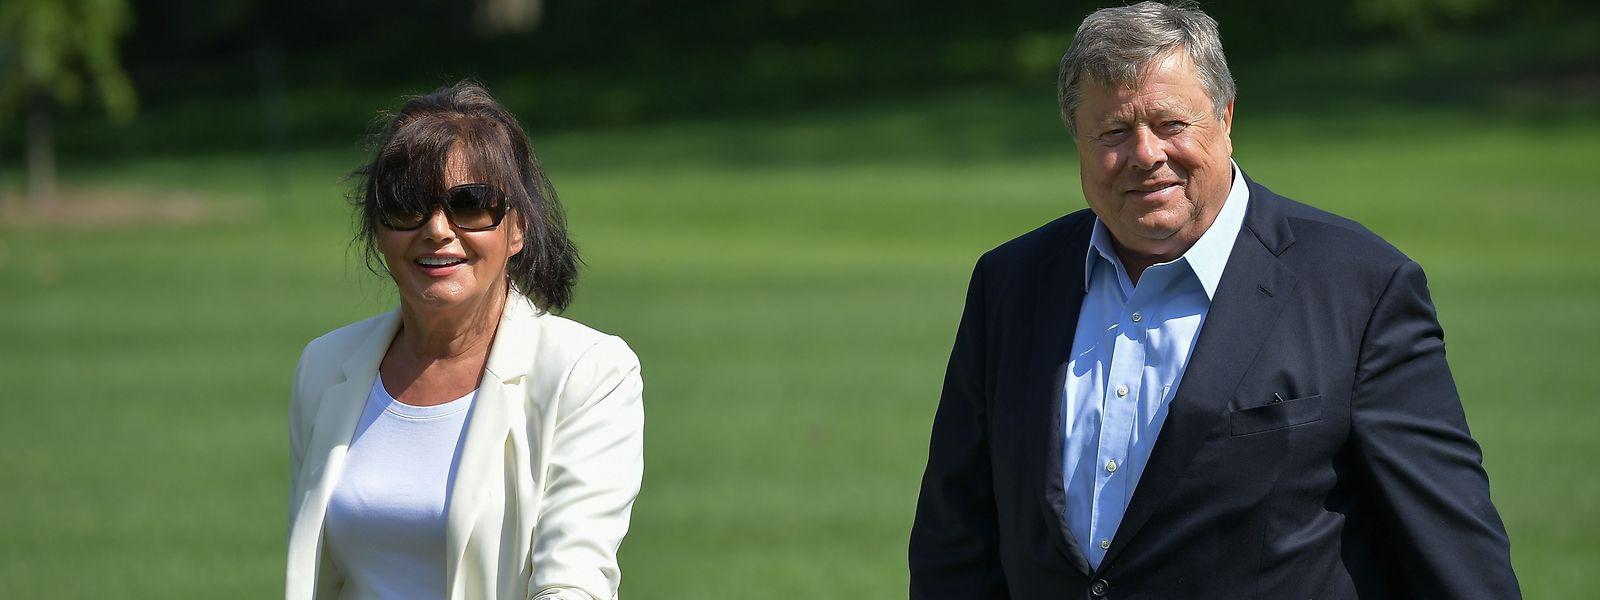 """Amalija und Viktor Knavs sind jetzt US-Bürger. Wie ihre Tochter Melania, die die amerikanische Staatsbürgerschaft 2006 über das sogenannte """"Einstein-Visum"""" erhielt."""